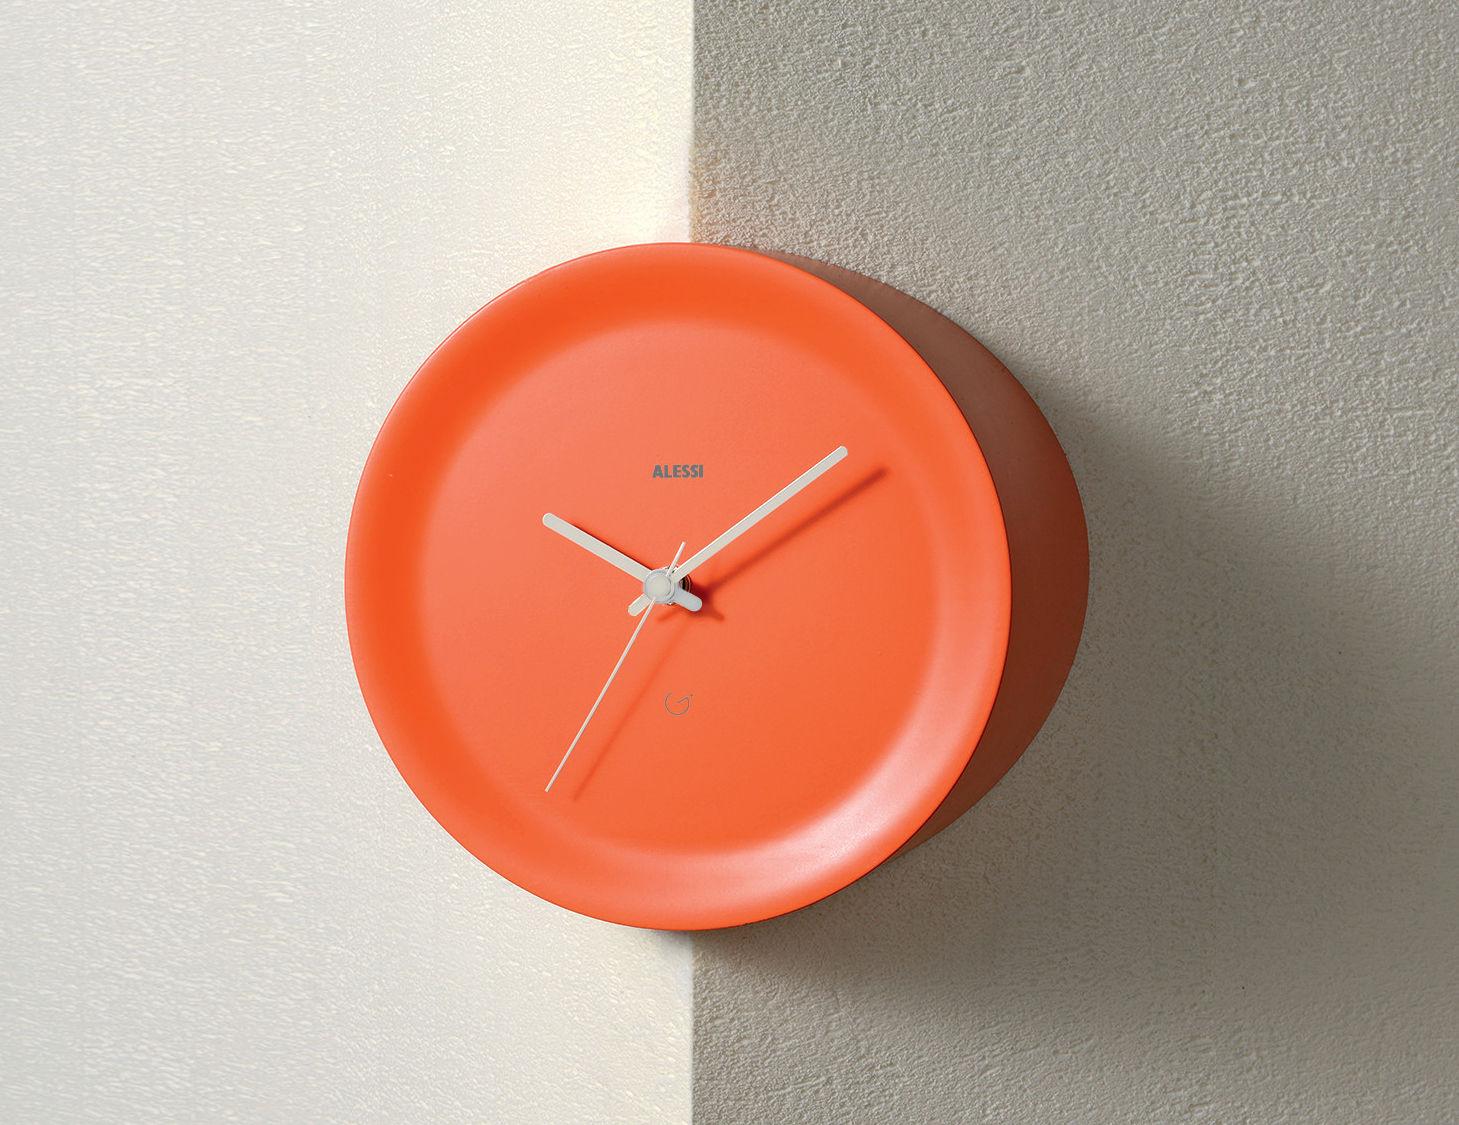 Déco - Horloges  - Horloge murale Ora Out sur arête murale / Ø 21 x H 15 cm - Alessi - Orange / Aiguilles grises - Résine thermoplastique